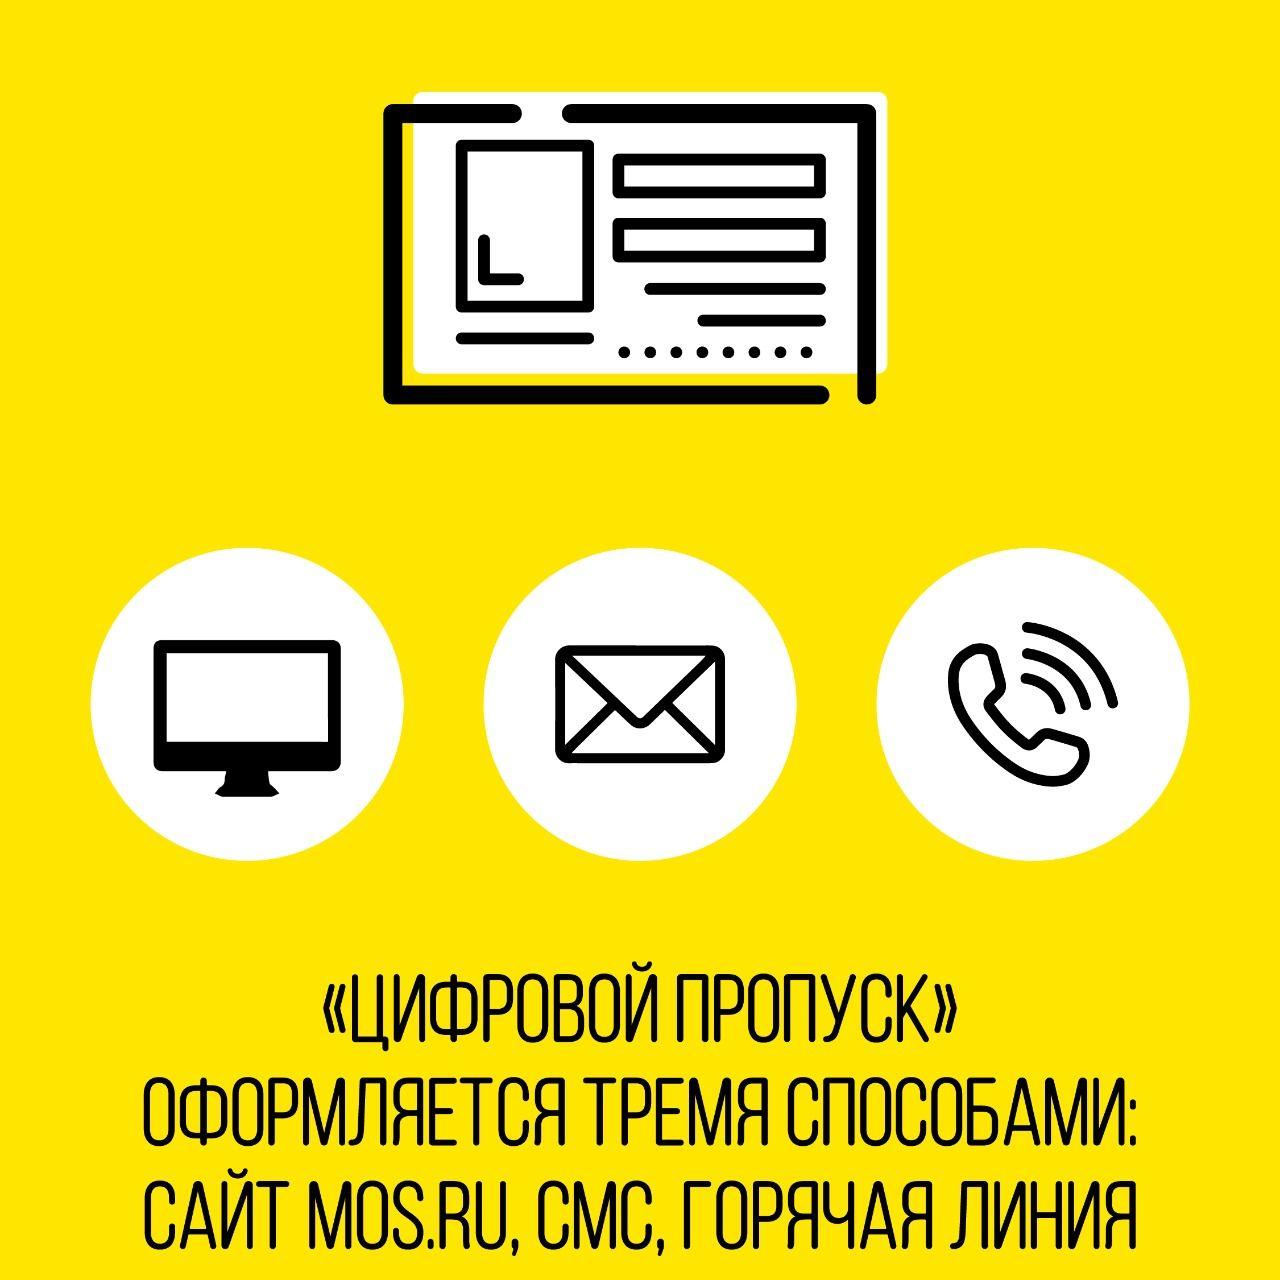 Более трех миллионов москвичей оформили цифровой пропуск за первые два дня